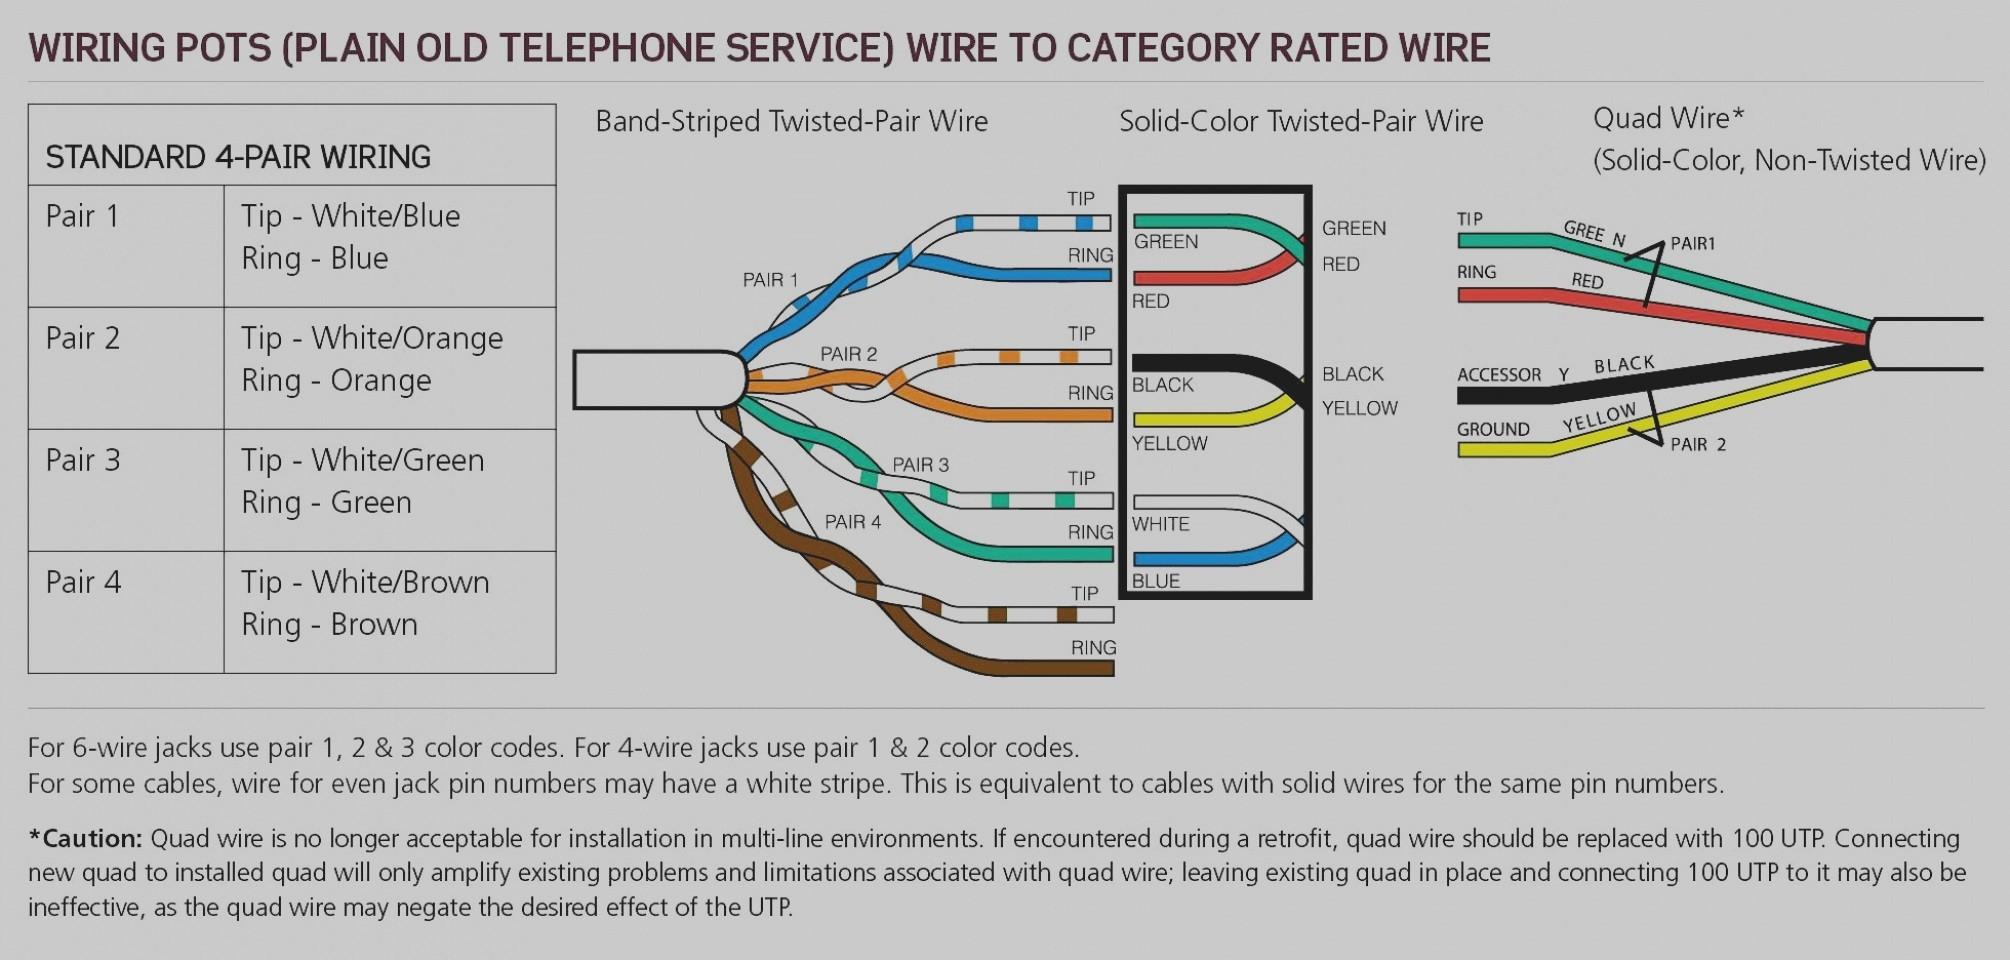 Bear Trailer Wiring Diagram Diagrams Scematic With 4 Wire | Shtab - 5 Wire Trailer Wiring Diagram